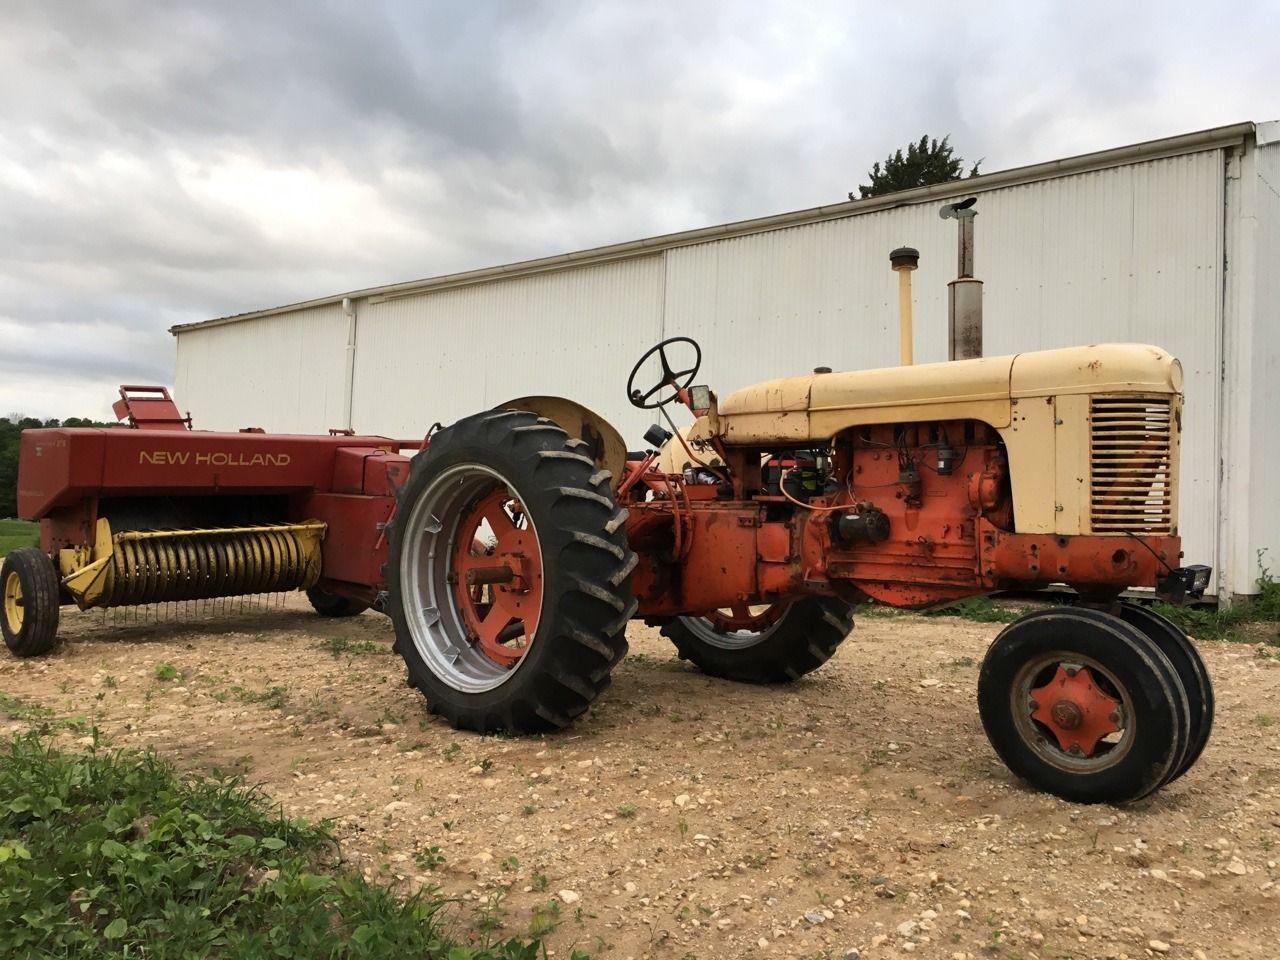 Dirt Road Photography Old Farm Equipment Case Tractors Tractors